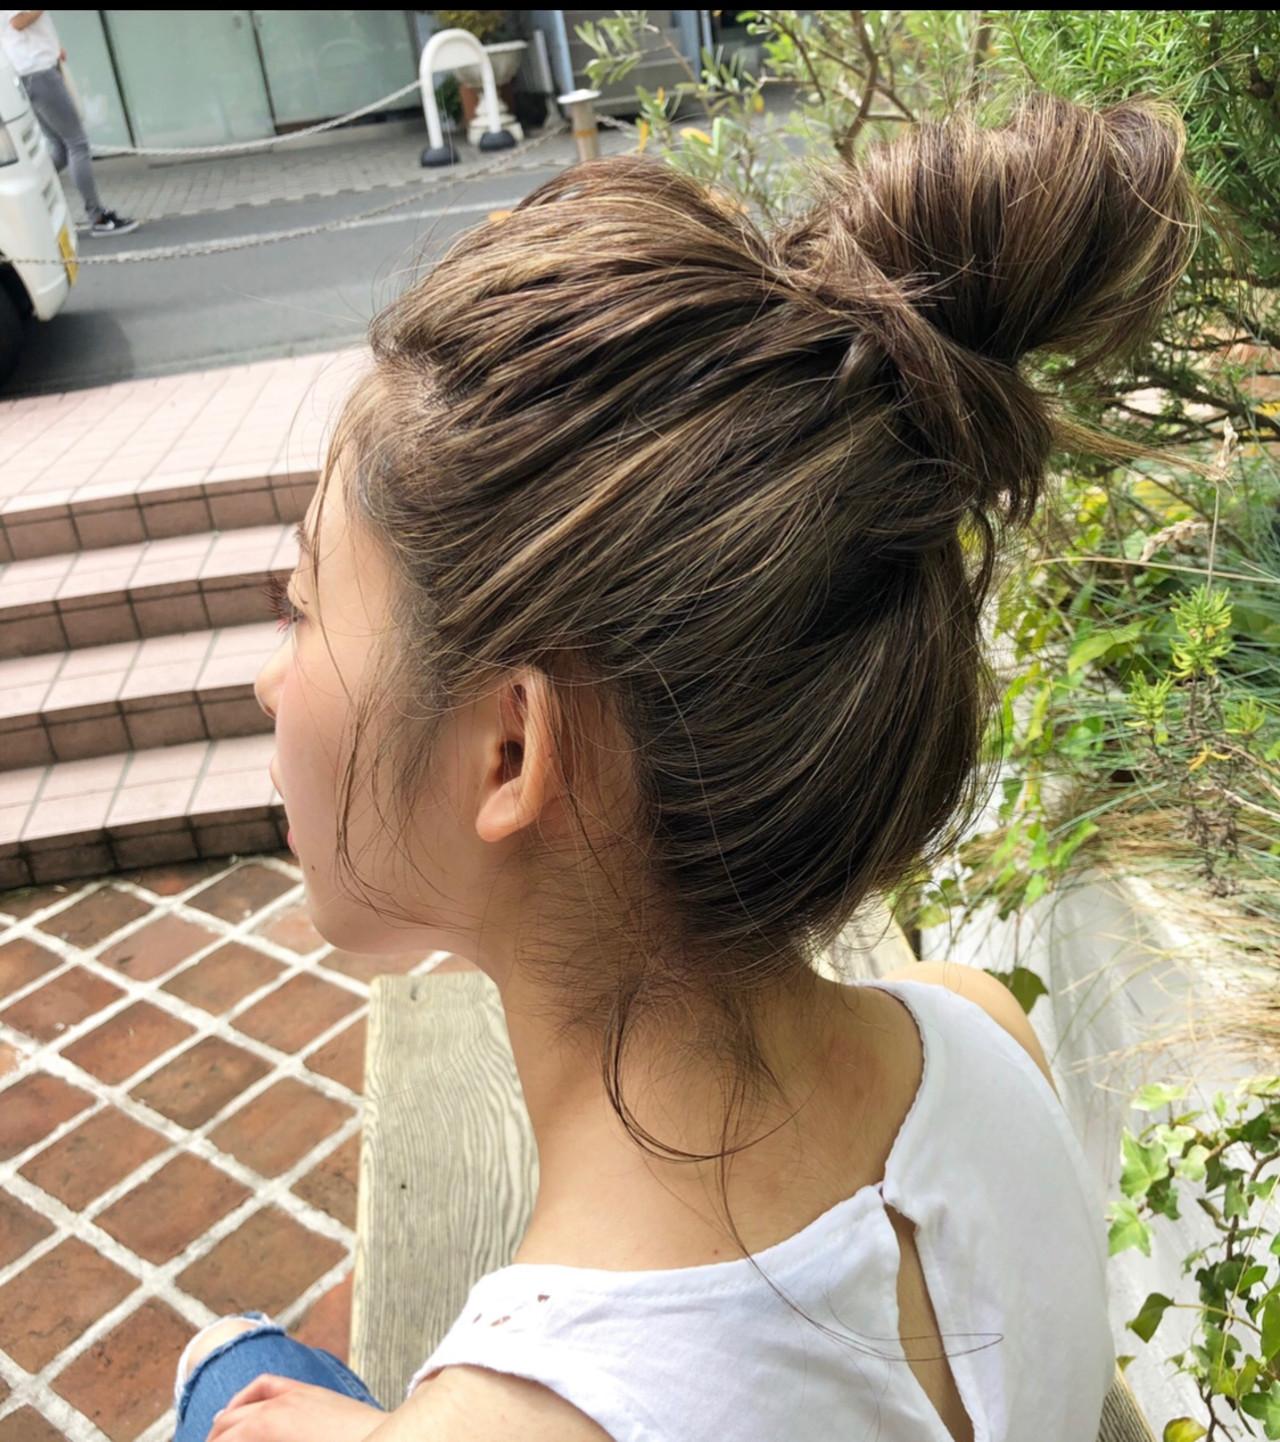 ナチュラル 簡単ヘアアレンジ オフィス デート ヘアスタイルや髪型の写真・画像 | 宇野智祐 / Lano